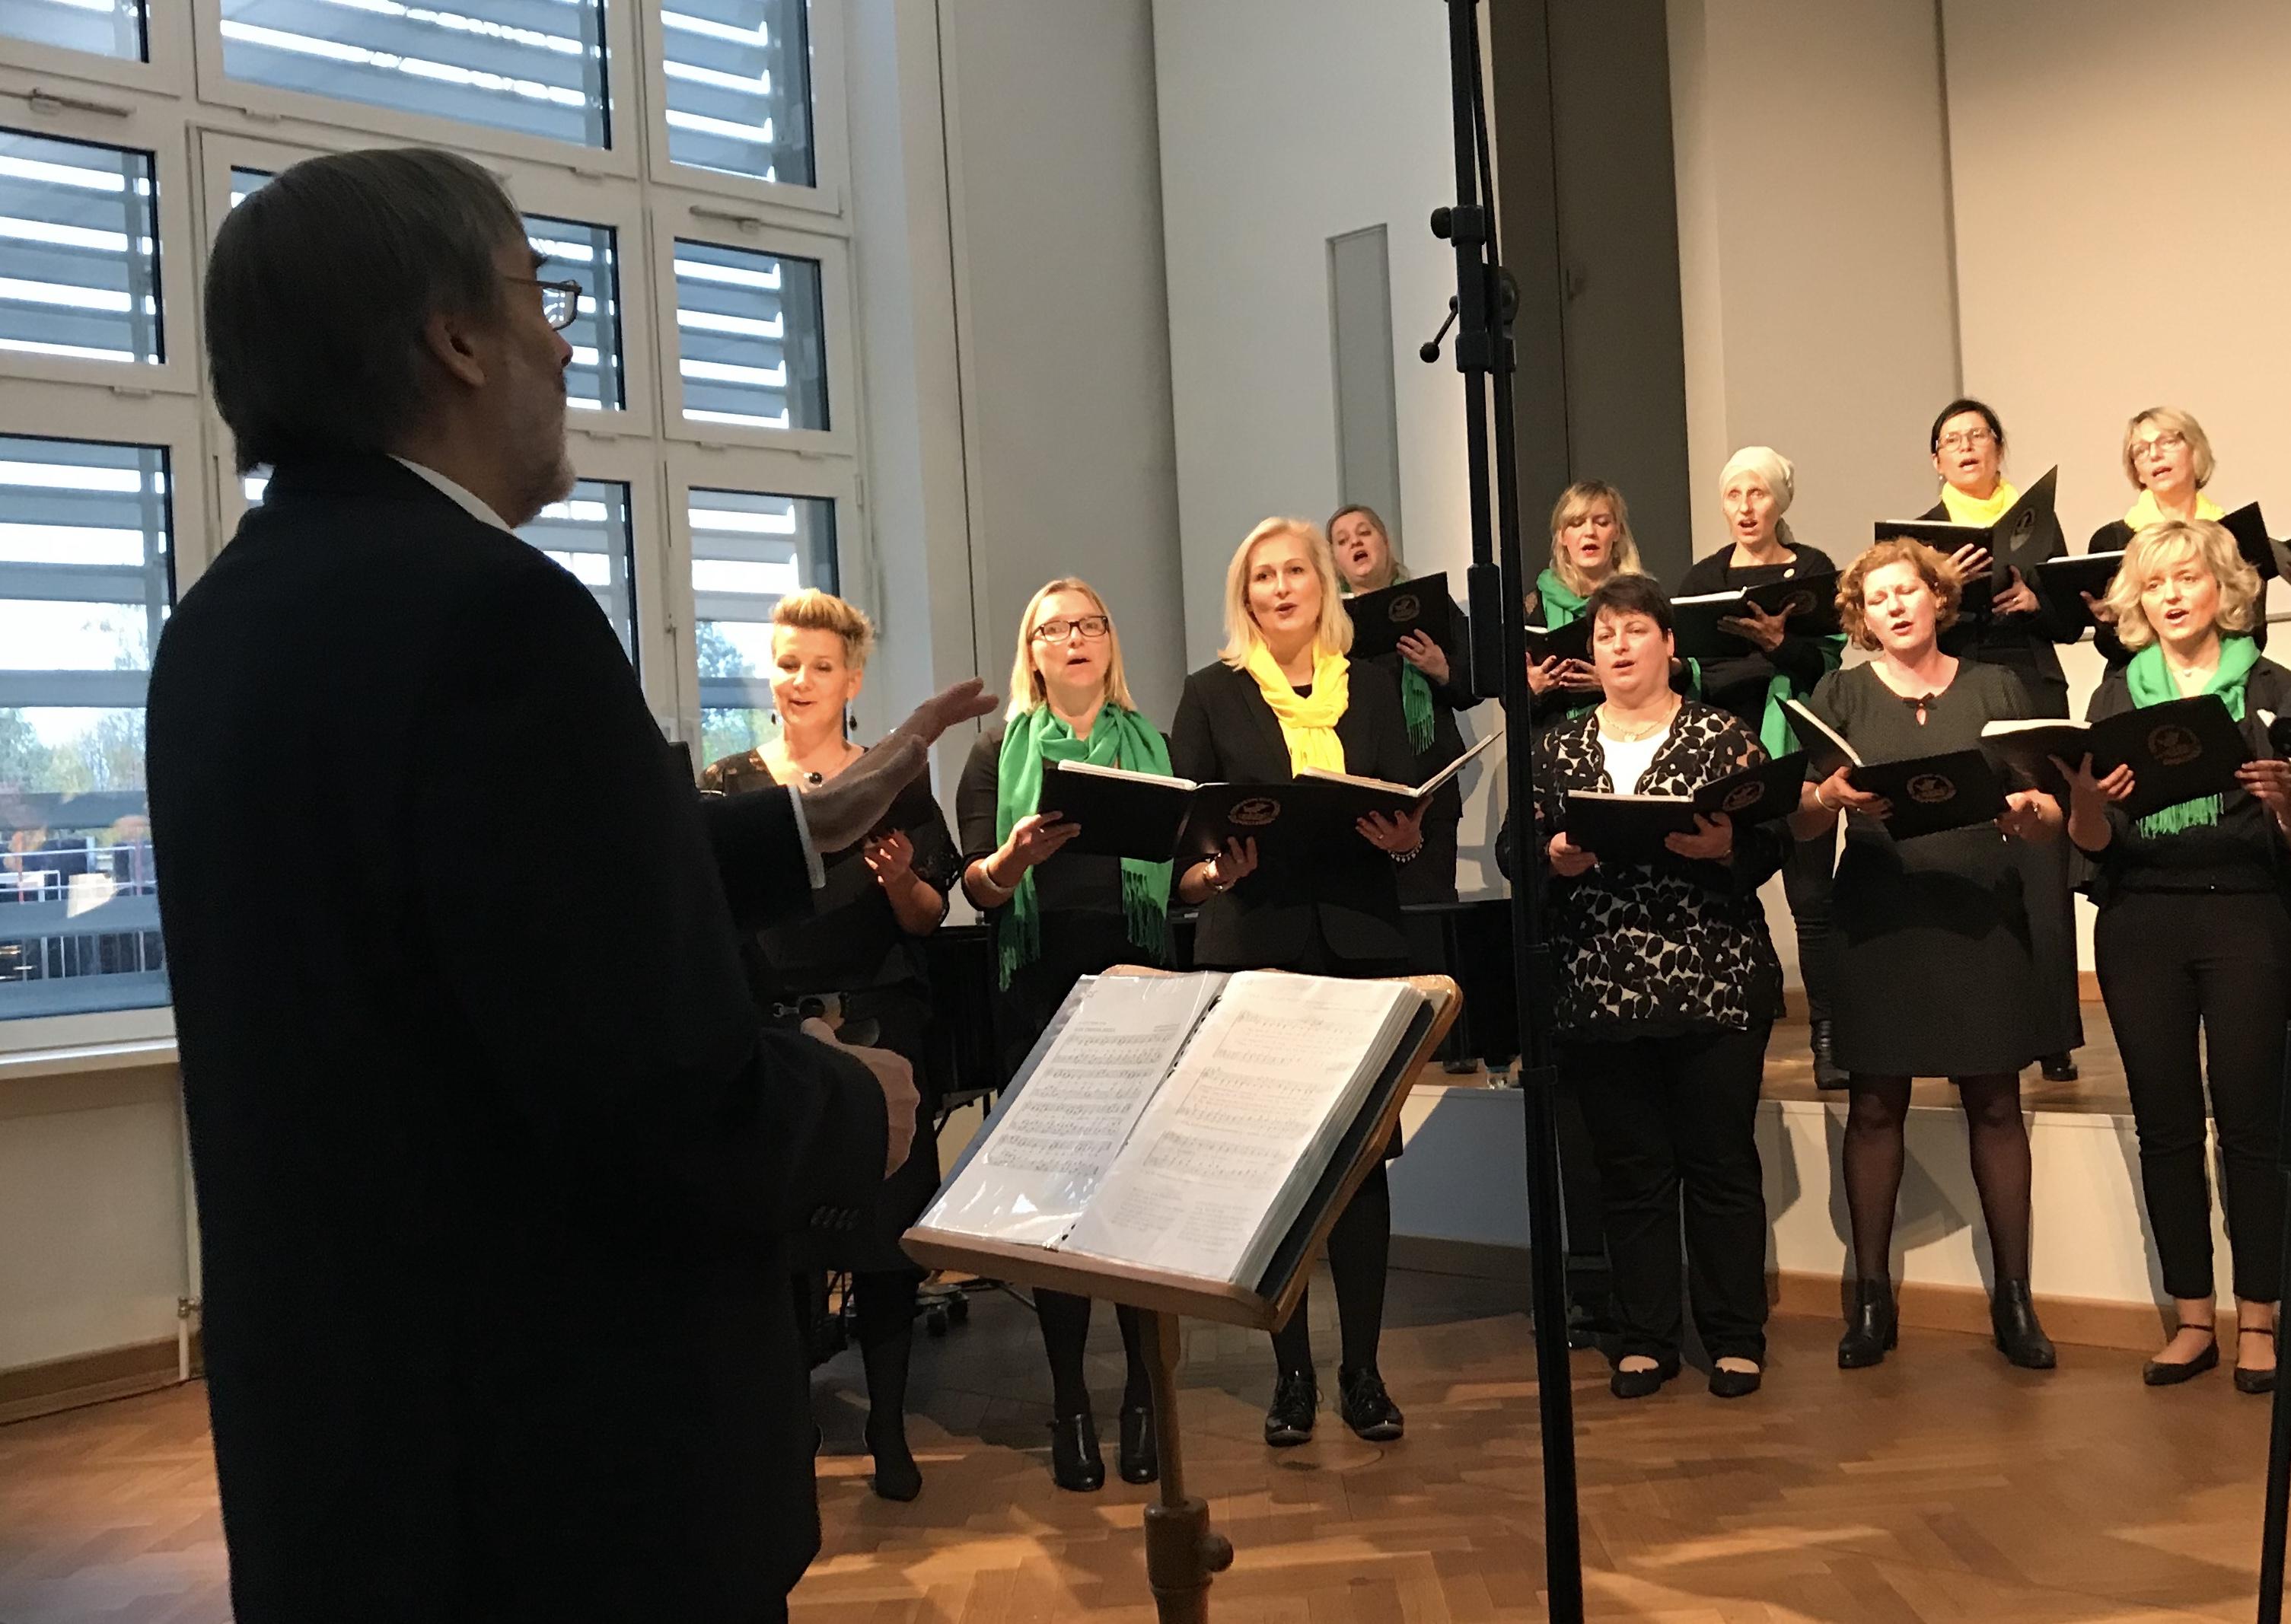 Zaunkonige Gaben Stimmungsvolles Konzert Im Potsdam Museum